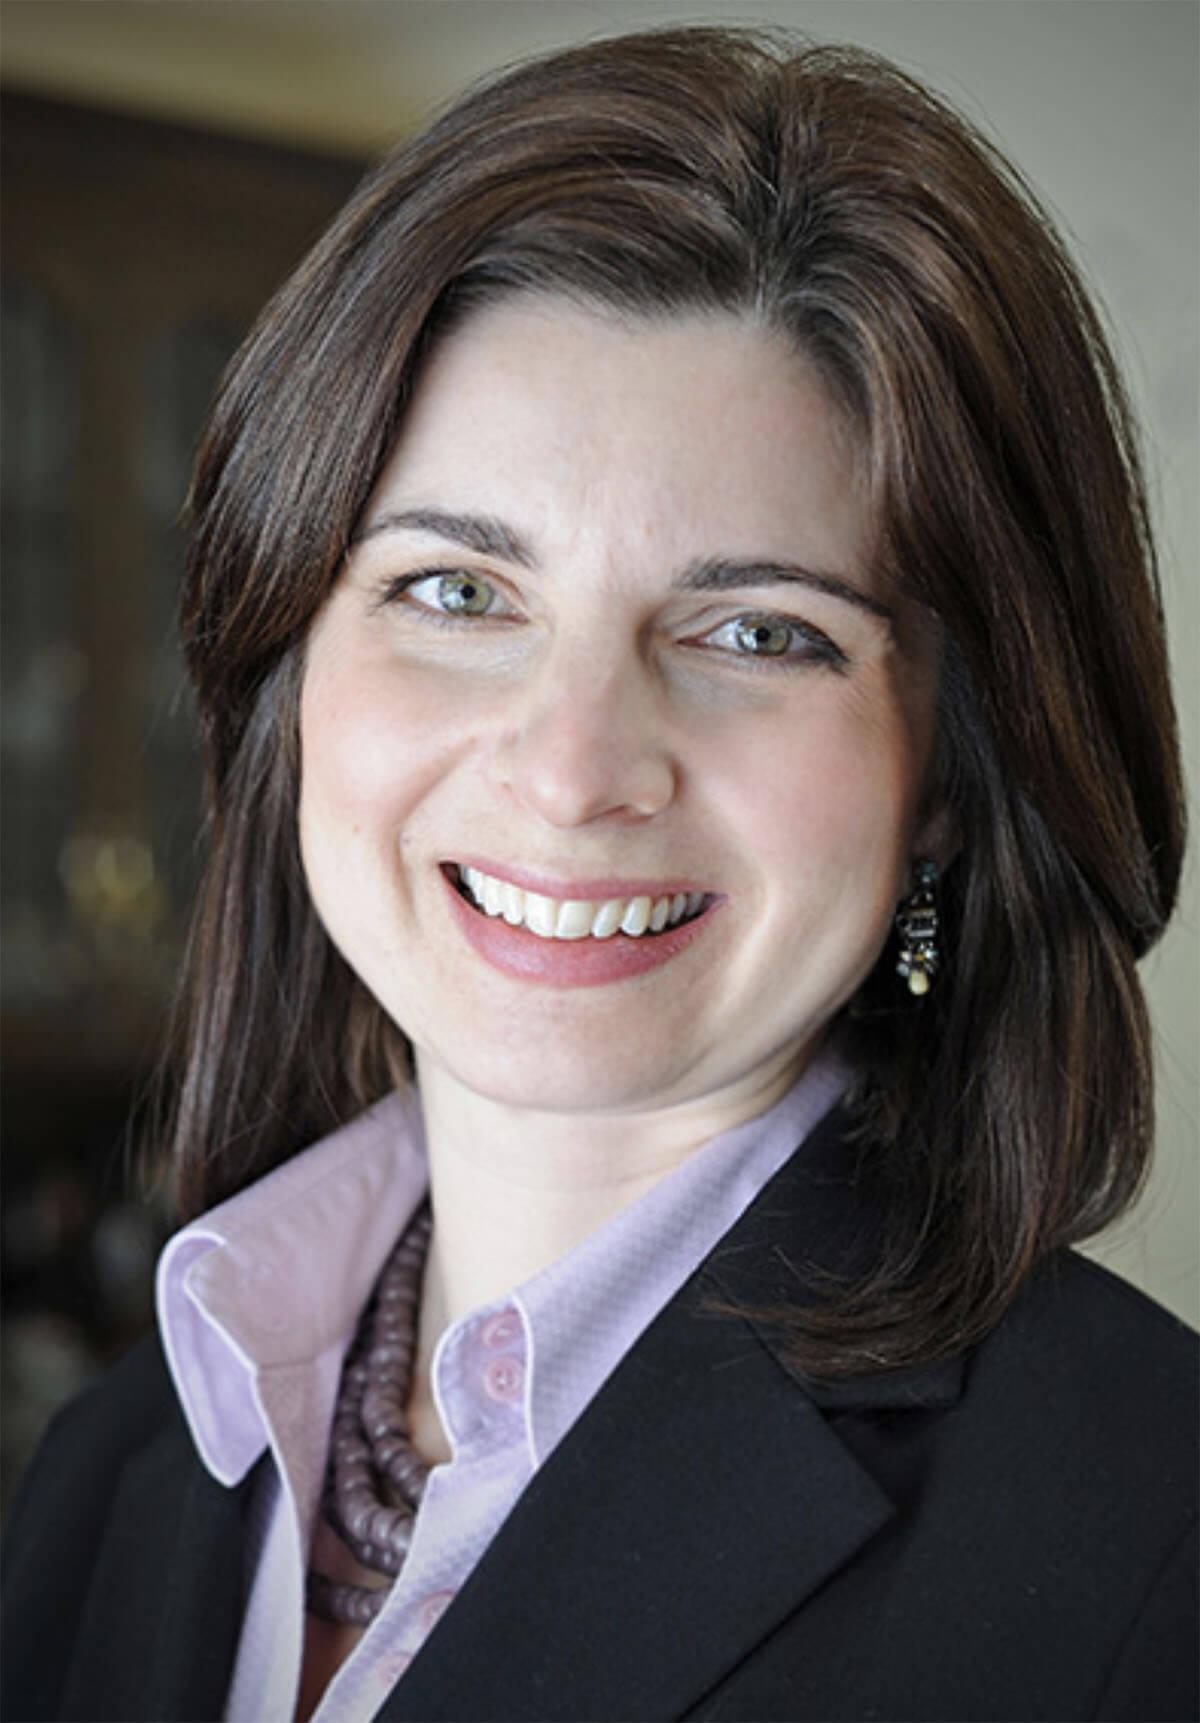 Kim Varian